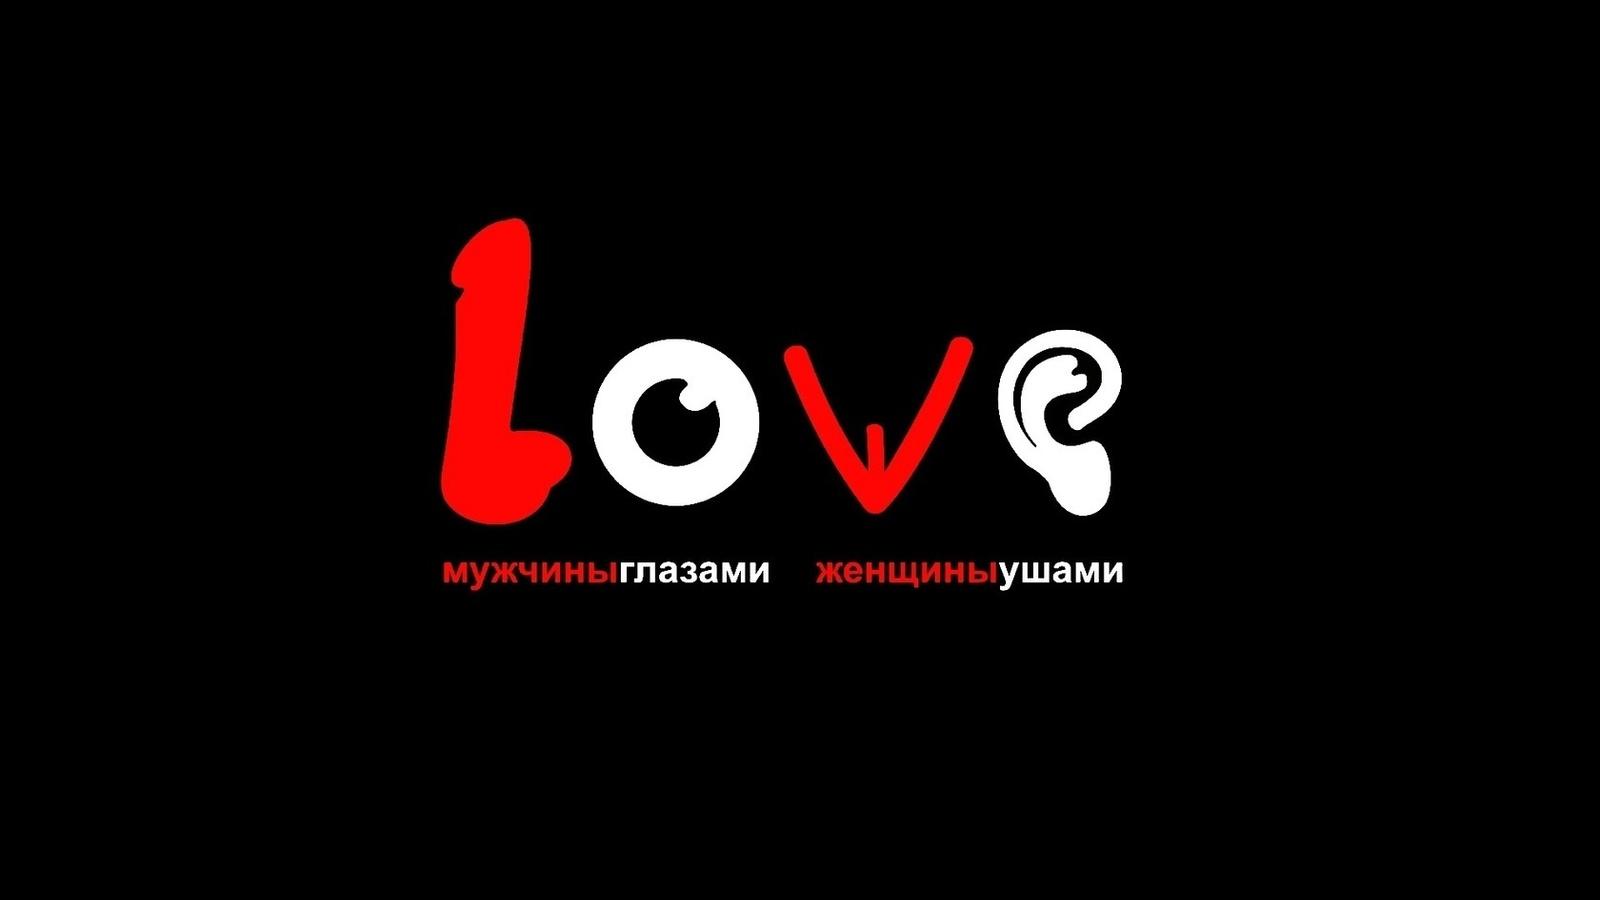 Картинки с надписью на черном фоне про любовь